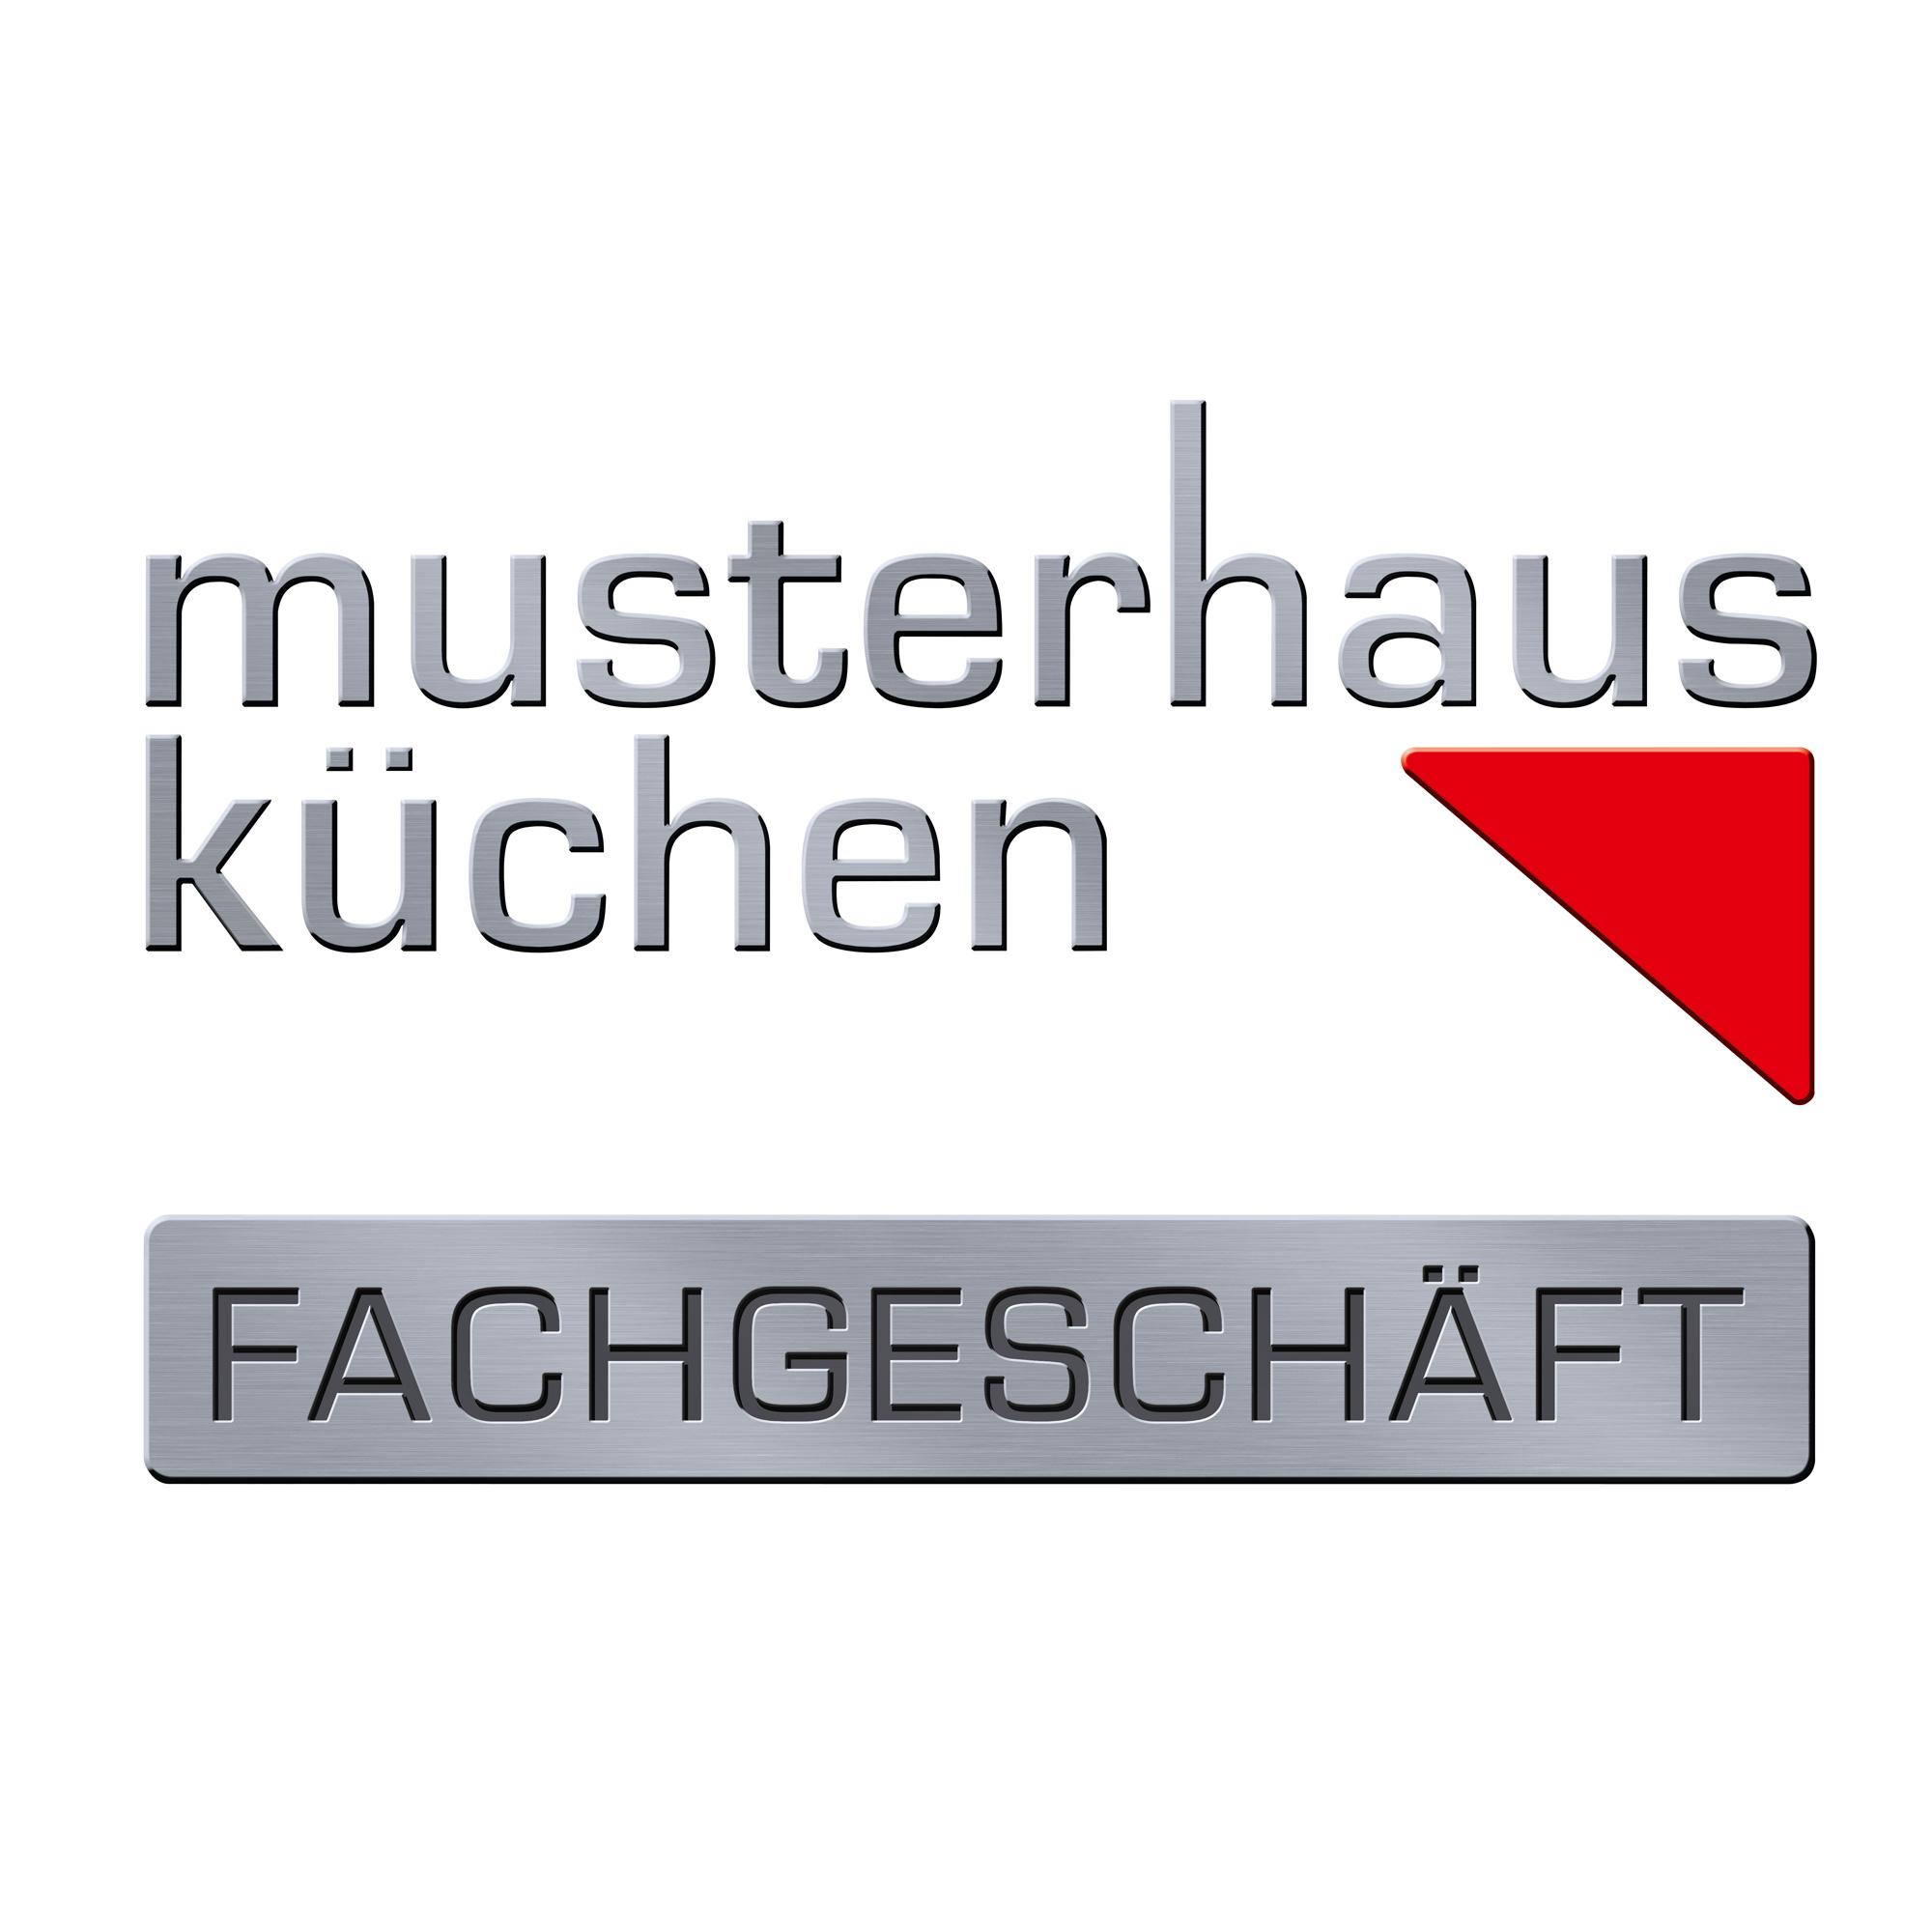 musterhaus küchen Deutschland GmbH & Co. Marketing für Küchen-Industrie und -Handel